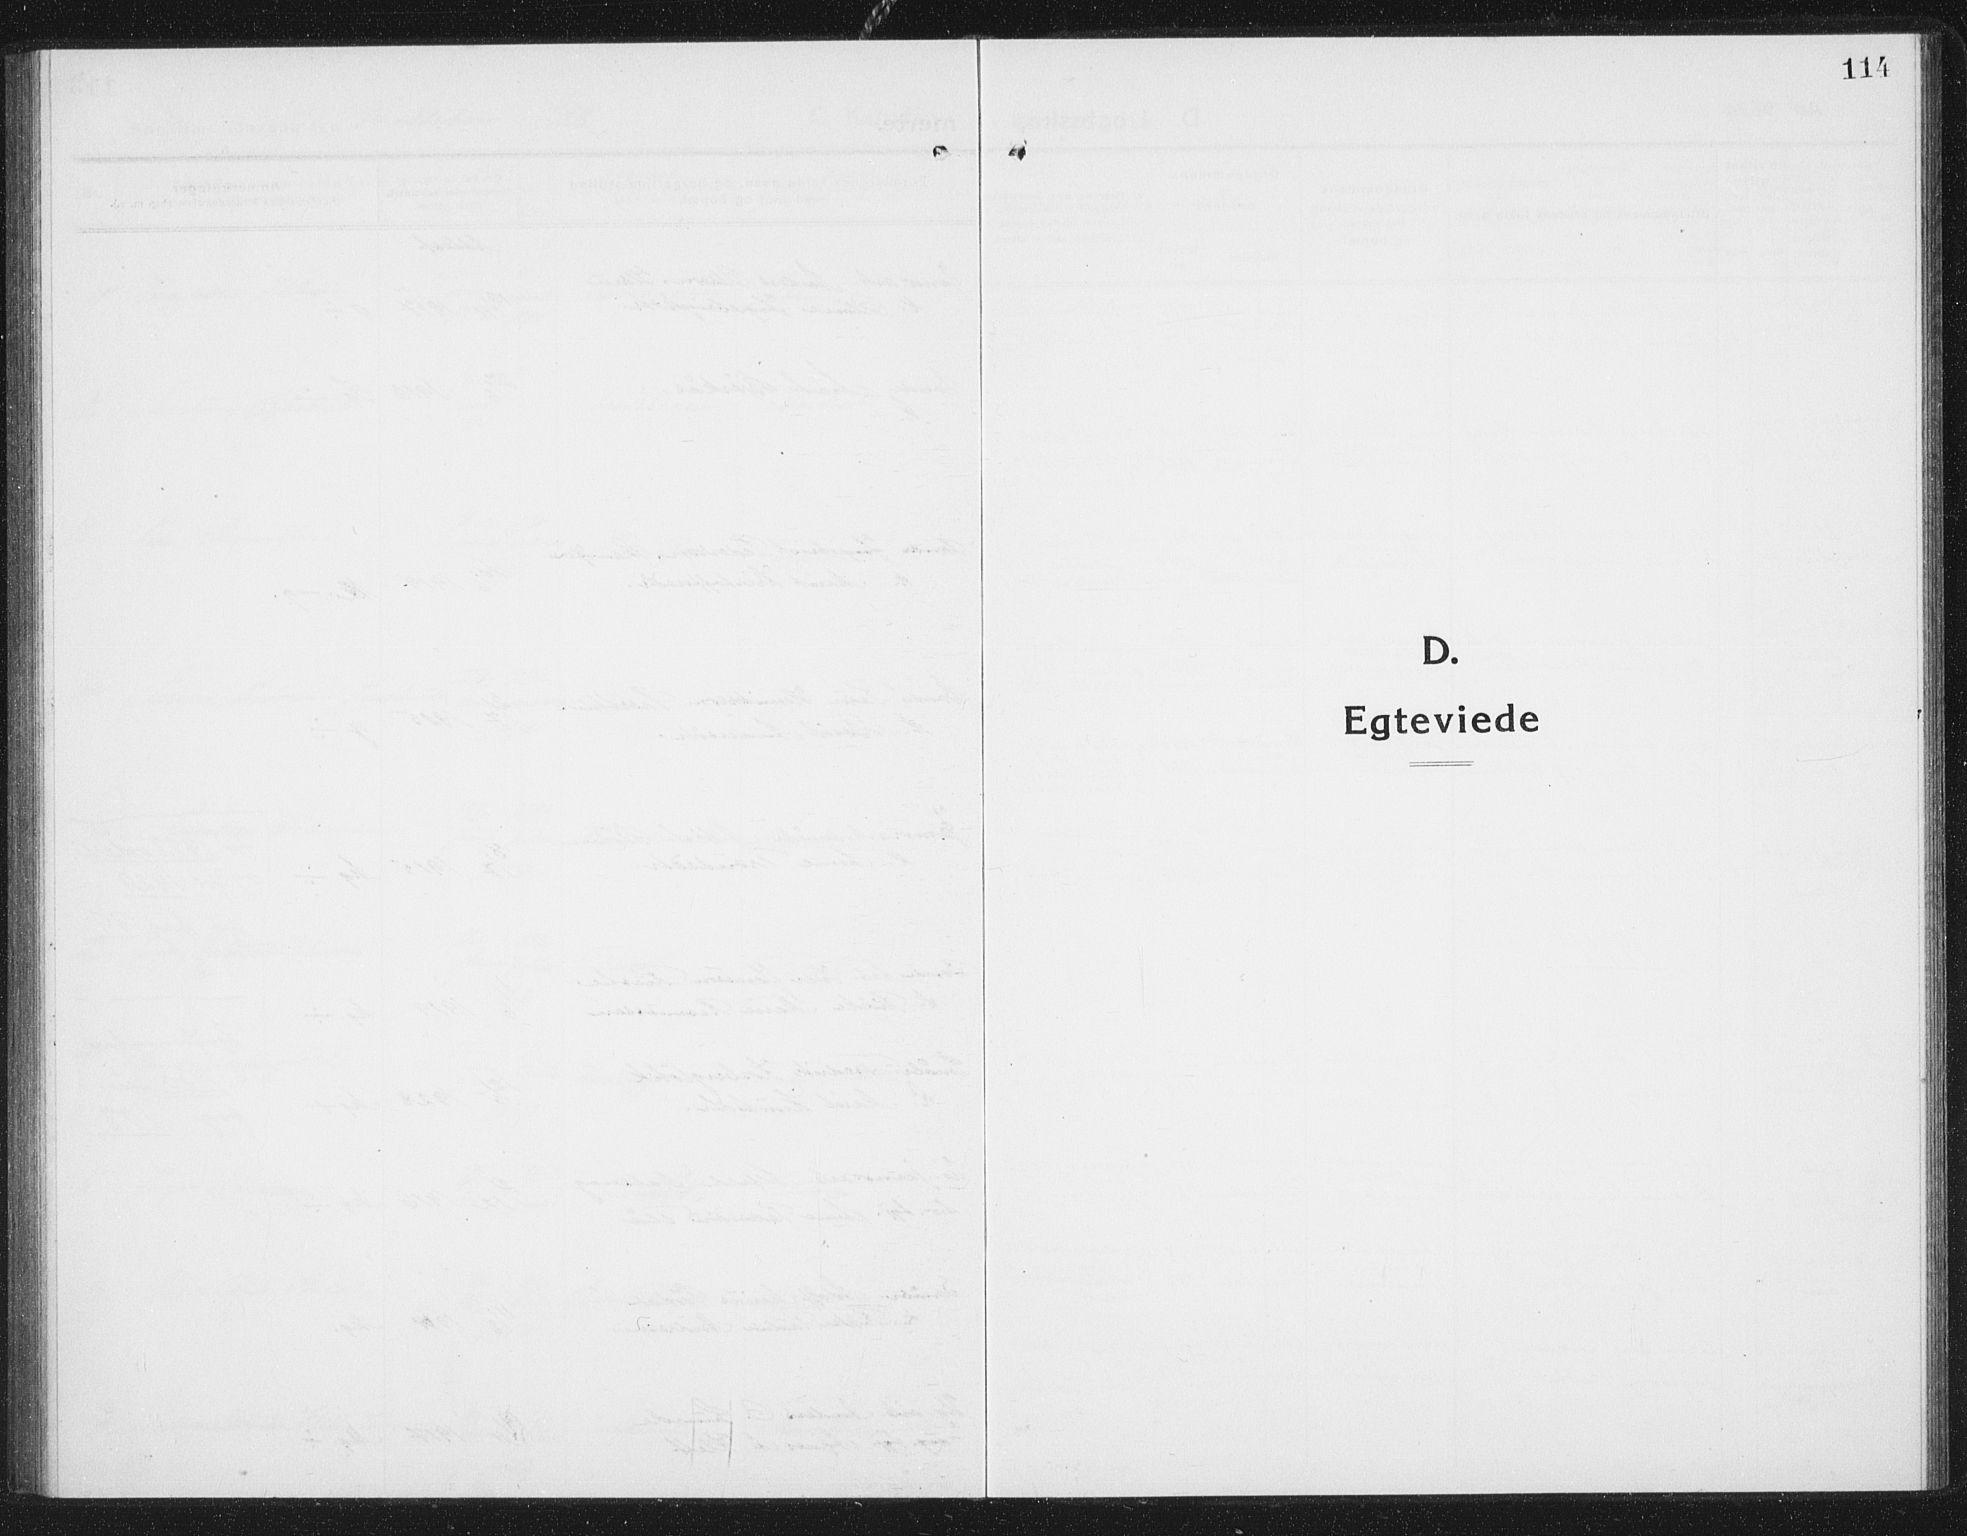 SAT, Ministerialprotokoller, klokkerbøker og fødselsregistre - Sør-Trøndelag, 675/L0888: Klokkerbok nr. 675C01, 1913-1935, s. 114